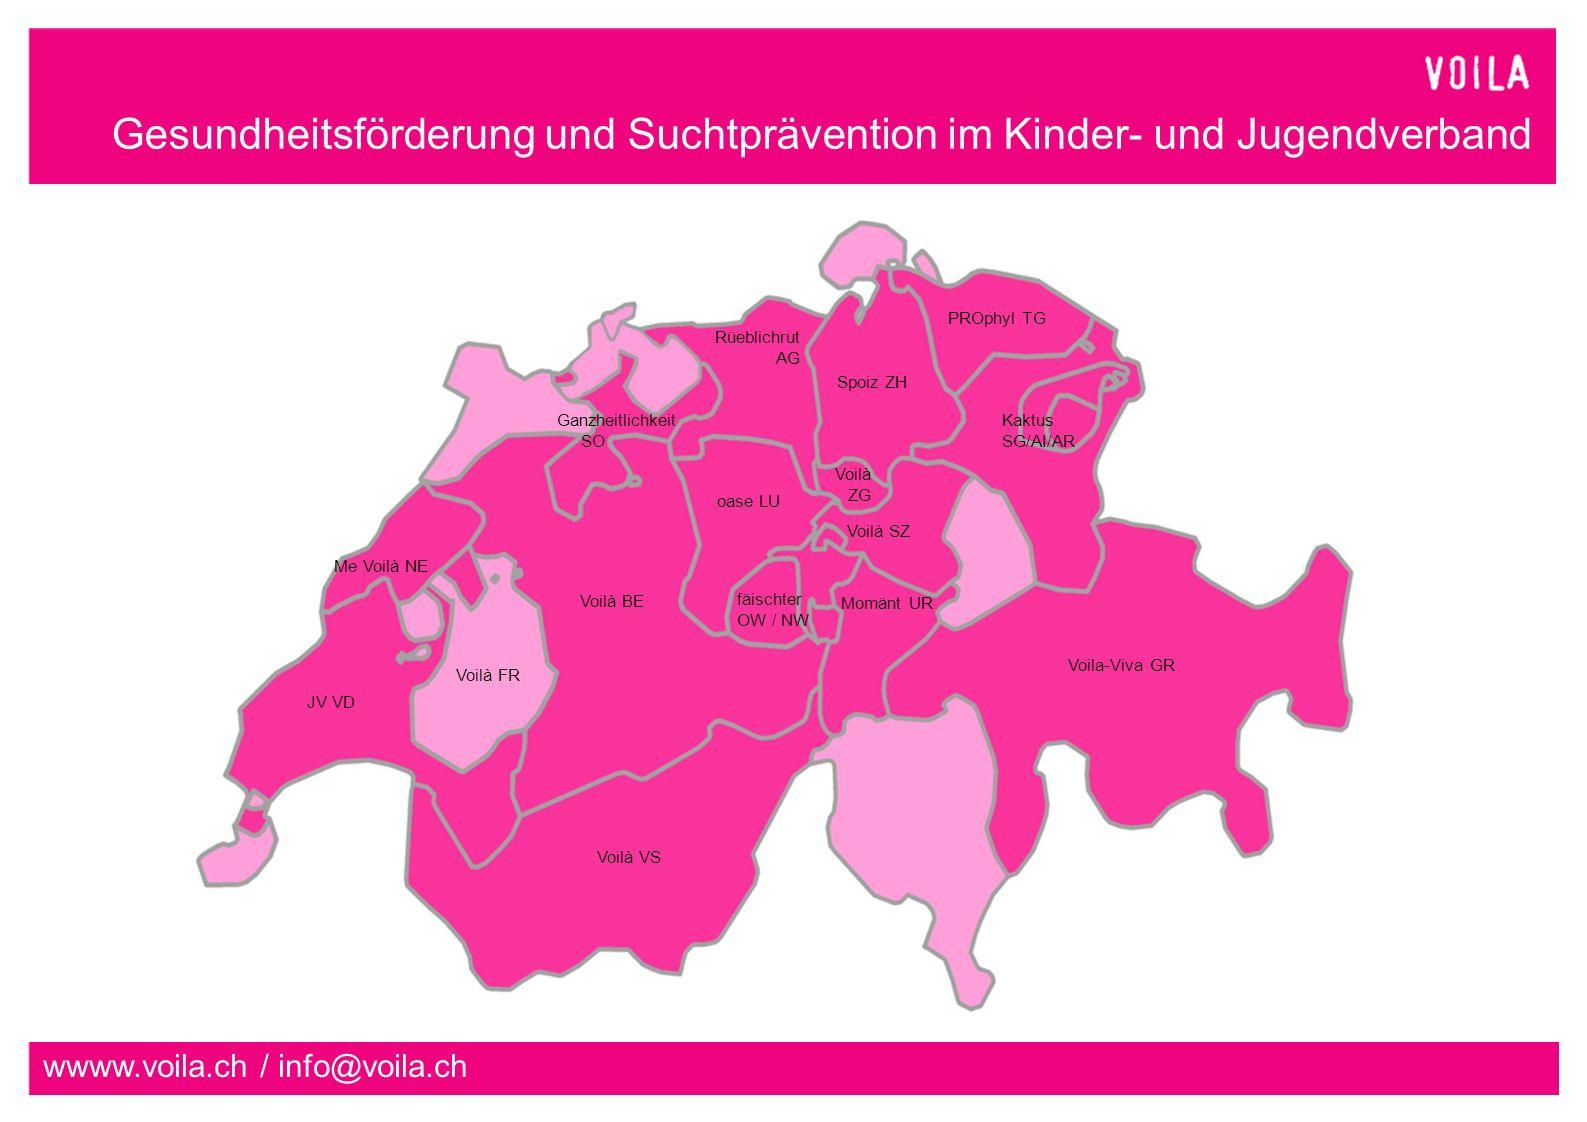 Gesundheitsförderung und Suchtprävention im Kinder- und Jugendverband wwww.voila.ch / info@voila.ch Basic focus Voilà aims to support children and youth as they develop into healthy adults.